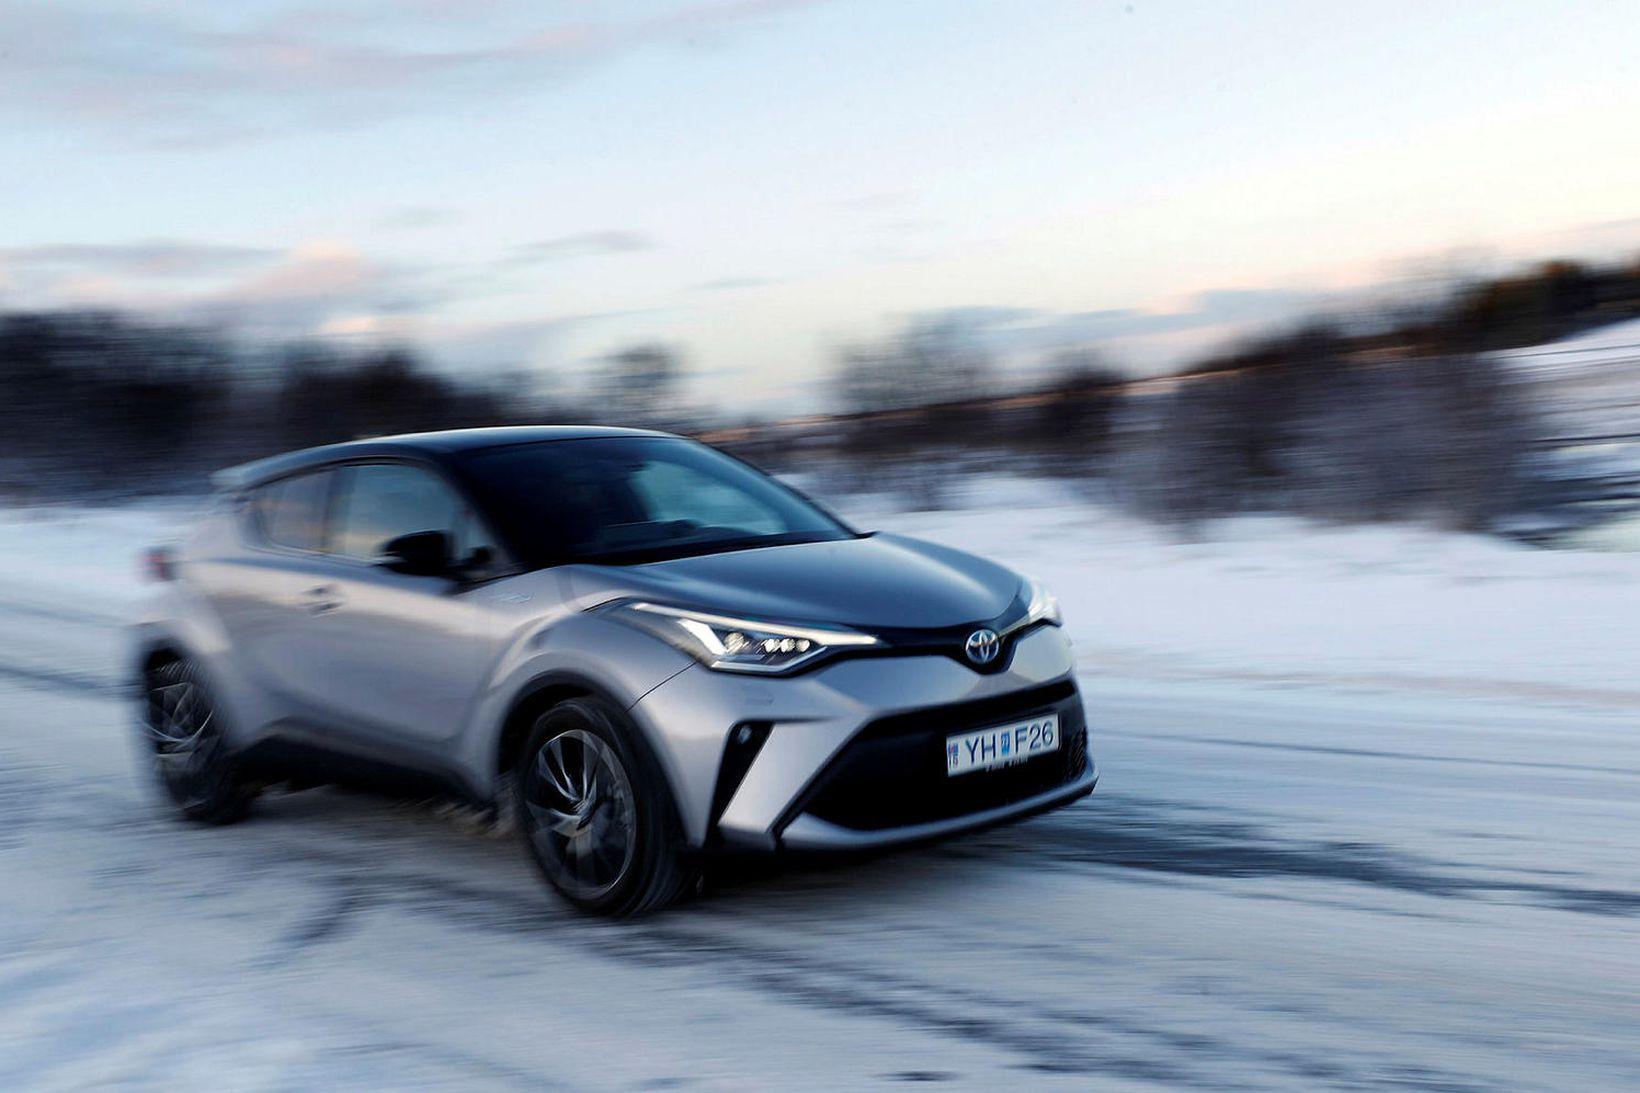 Toyota CH-R sker sig úr hvað útlit varðar og plássið …